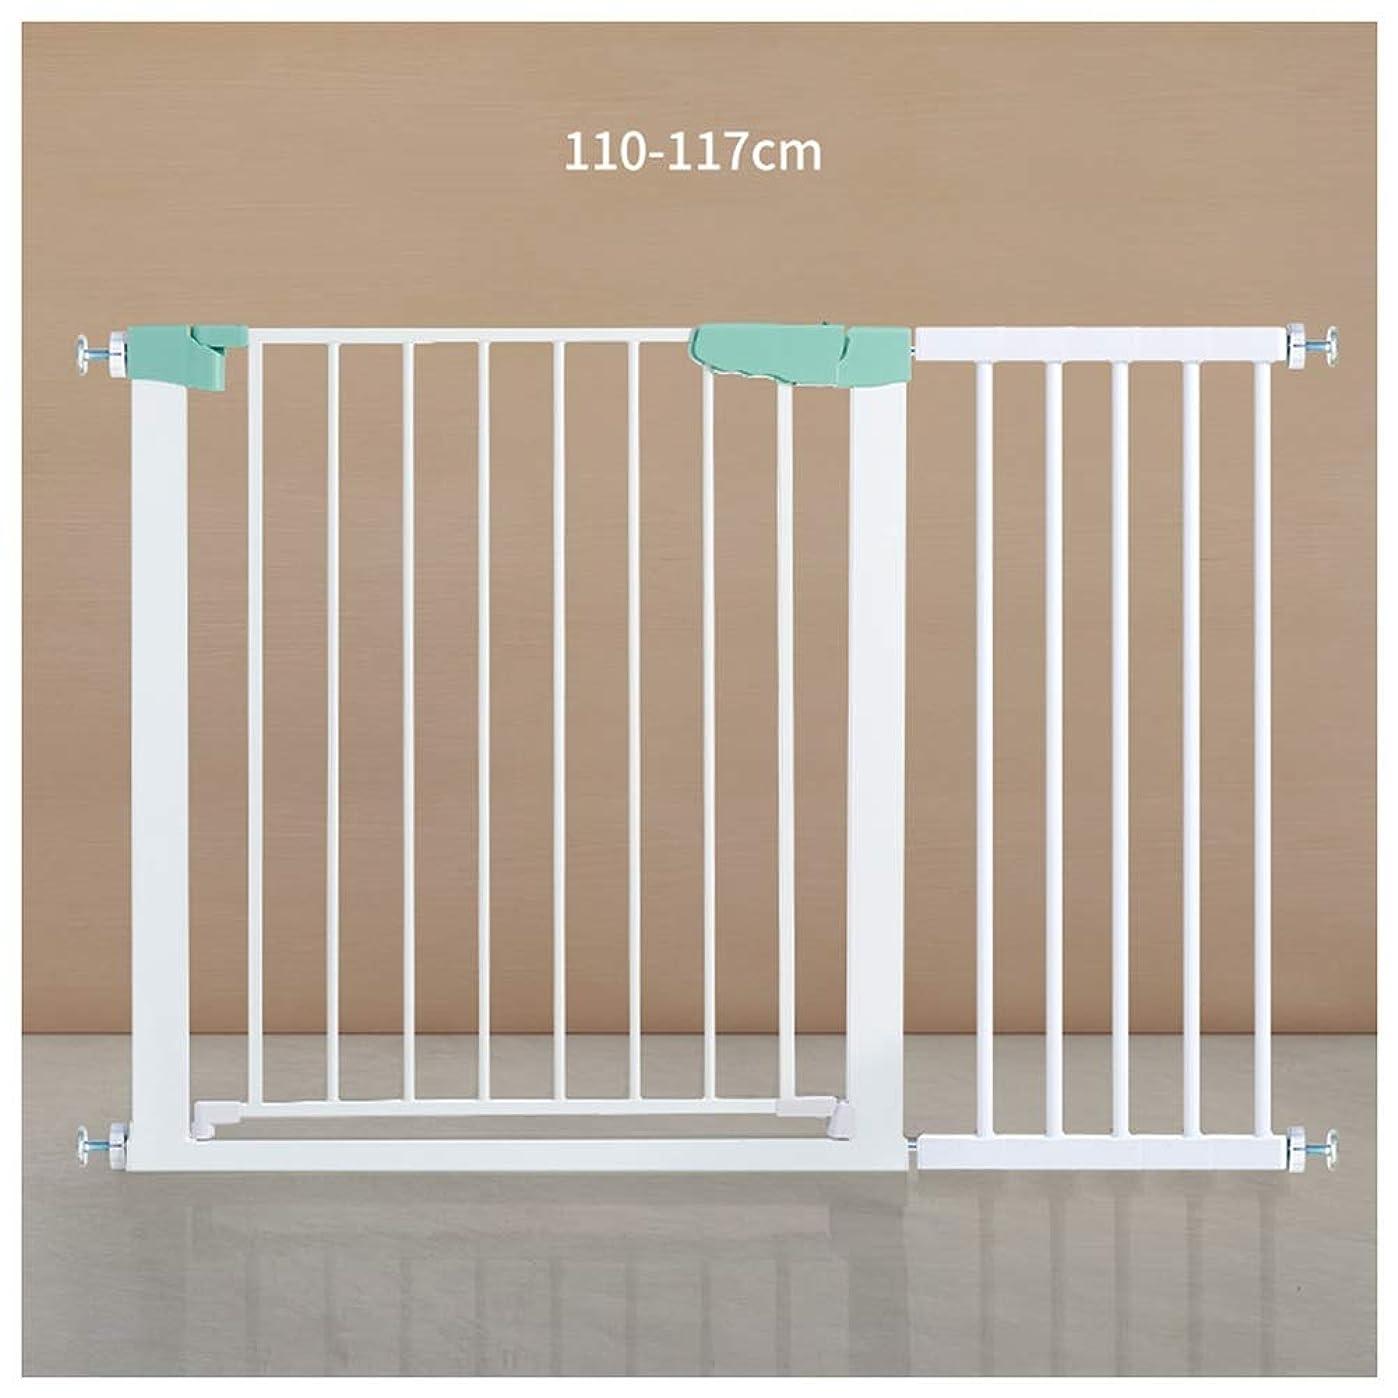 億に変わるブラウンベビーゲート、 突っ張り式 階段上 穴あけなし ペットゲート、 前後90度開閉 エクステンションワイド 対応 範囲75cm-138cm、 ホワイト (Color : H-76CM, Size : 110cm-117cm)